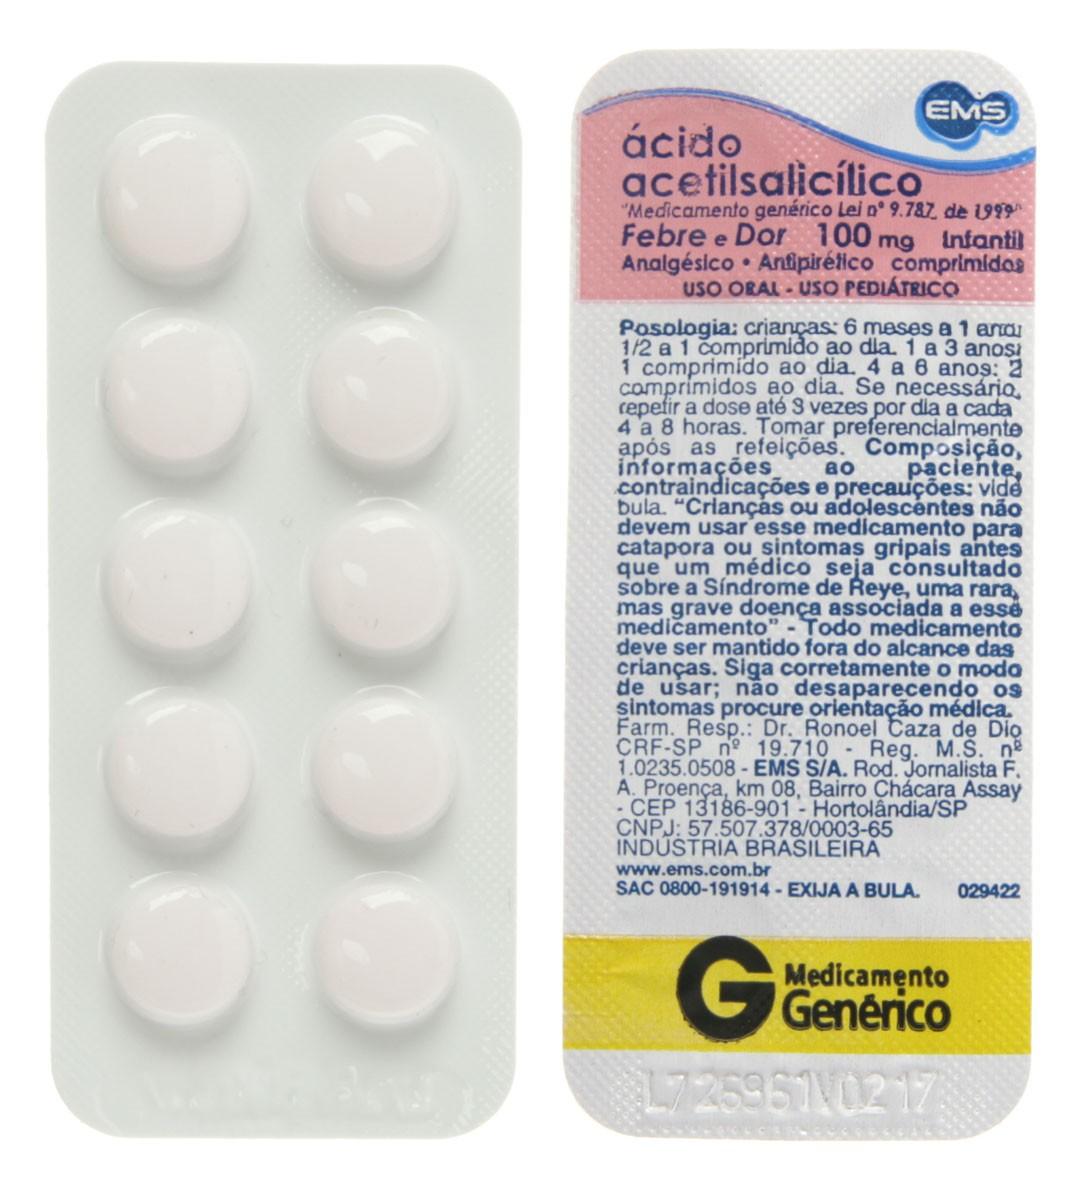 Acido Acetilsalicilico 100mg Ems Generico 1 Blister Com 10 Comprimidos